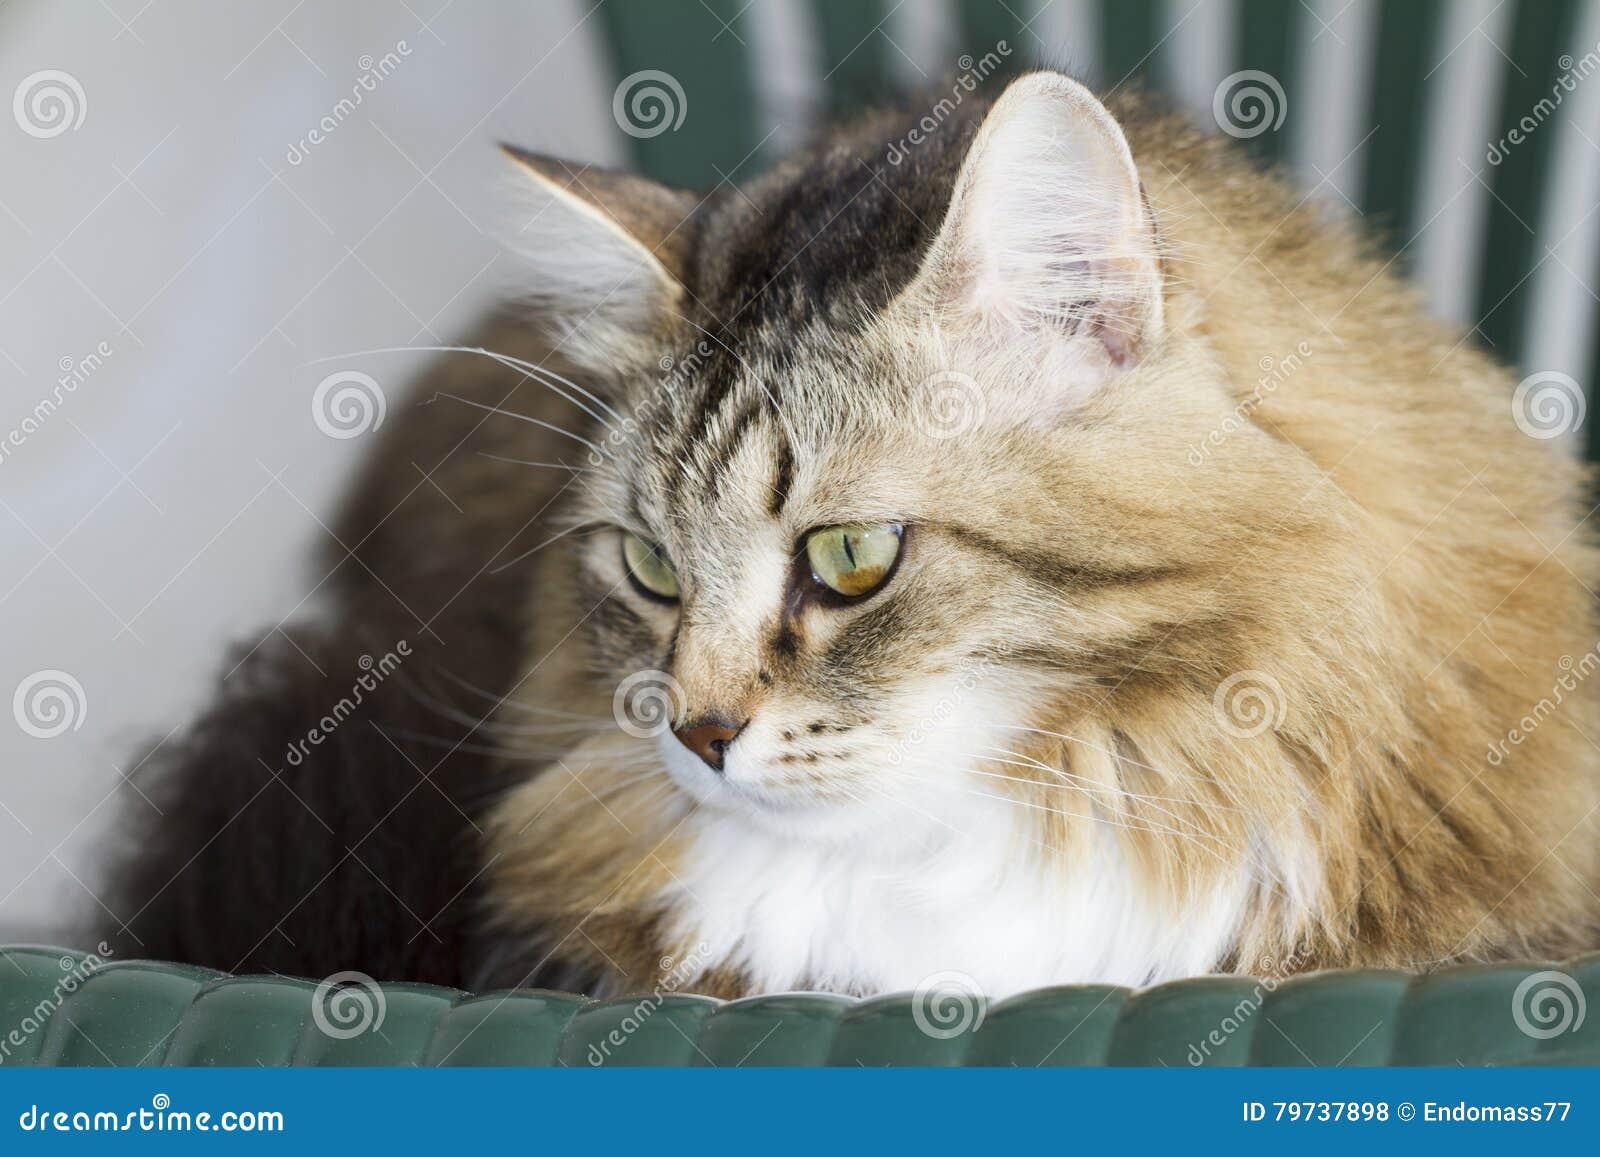 Gato siberiano marrón peludo en el jardín en la silla